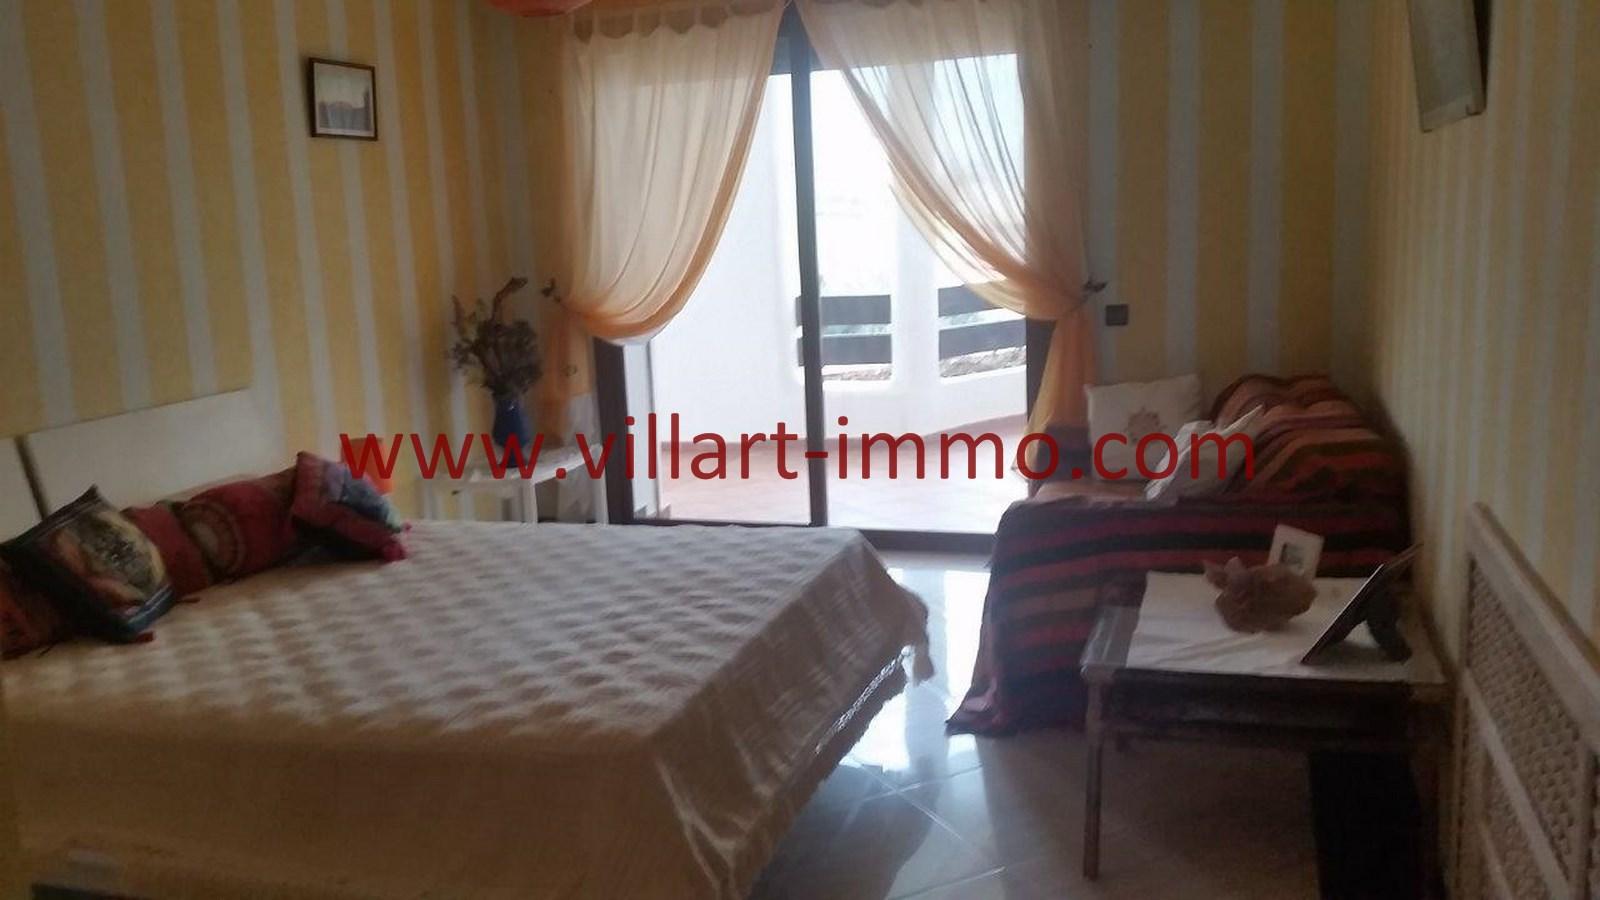 12-a-louer-villa-meublee-tanger-achakar-chambre-3-lsat914-villart-immo